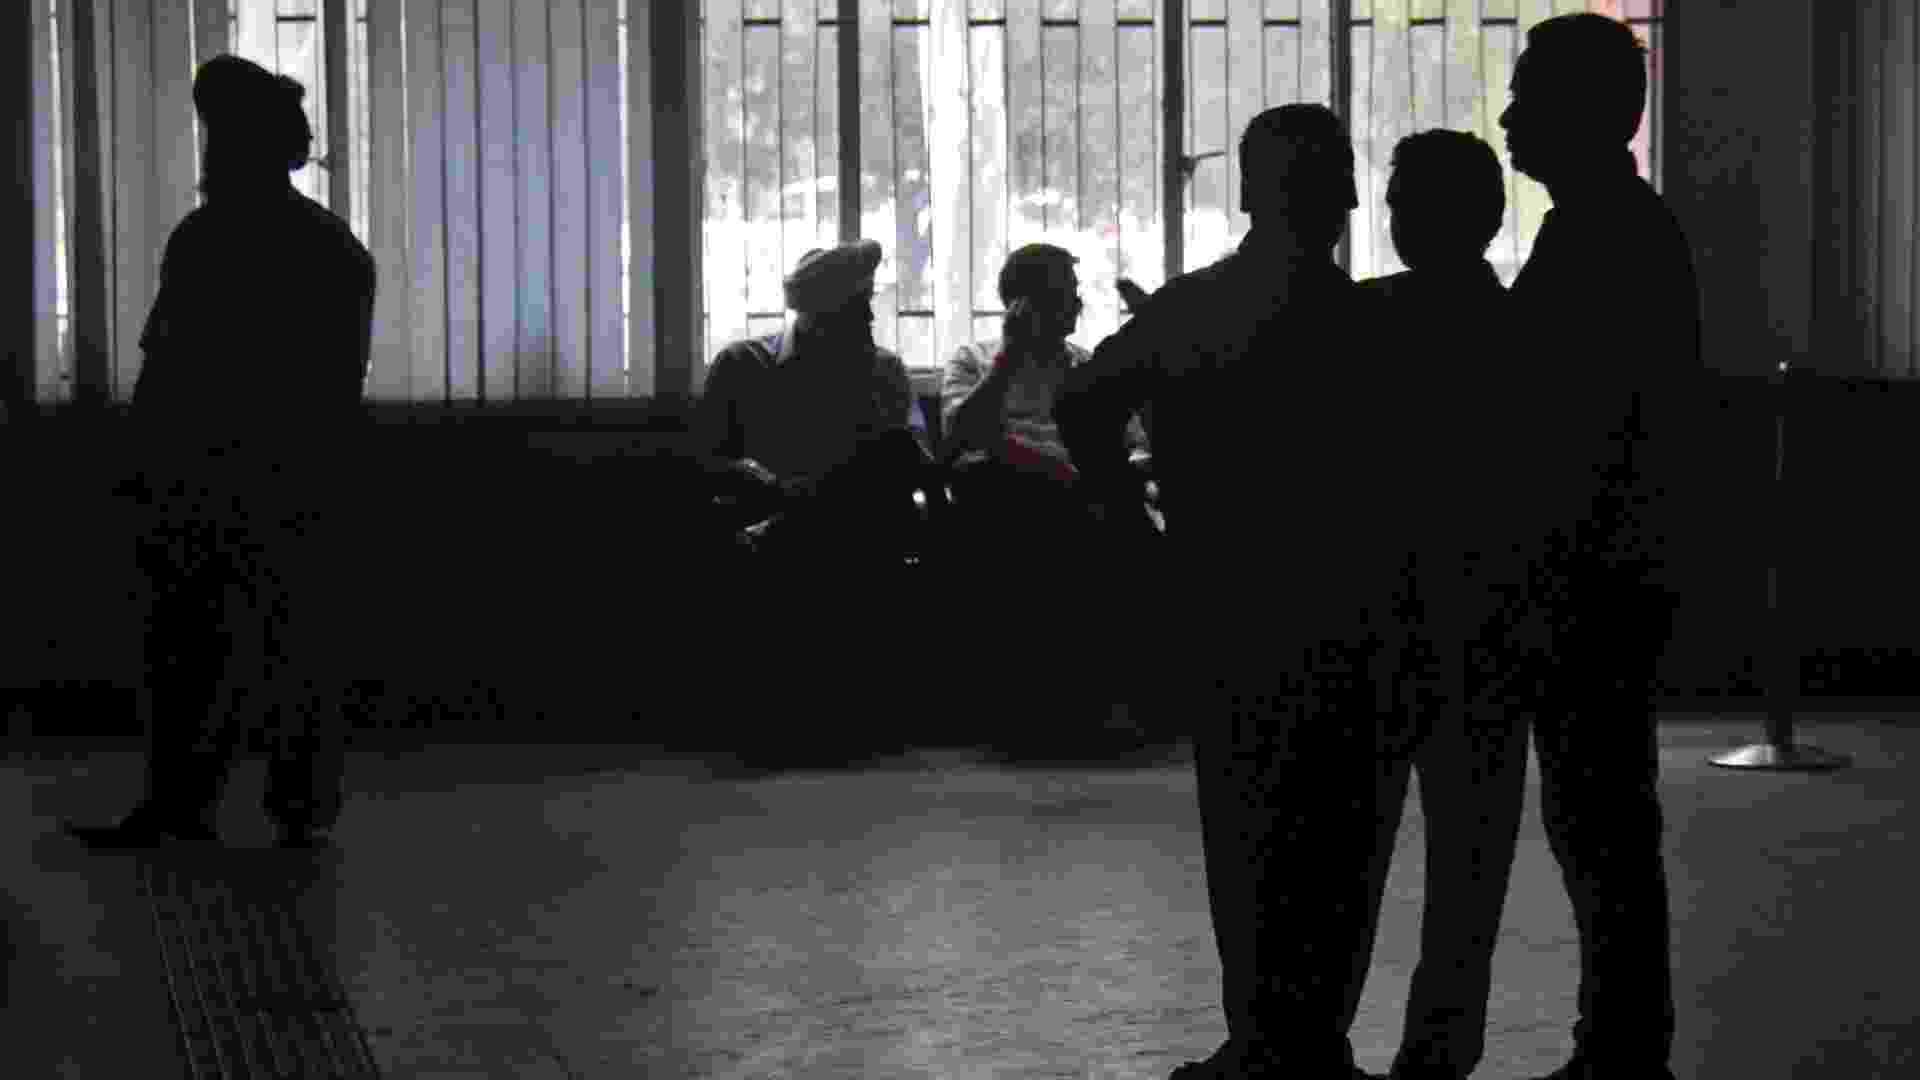 31.jul.2012 - Um blecaute atingiu 15 estados do norte e leste da Índia nesta terça-feira (31). Foi o segundo dia consecutivo de problemas na rede de energia elétrica. Na foto, a população espera a volta da energia em um prédio público da cidade de Chandigarh - Ajay Verma/Reuters